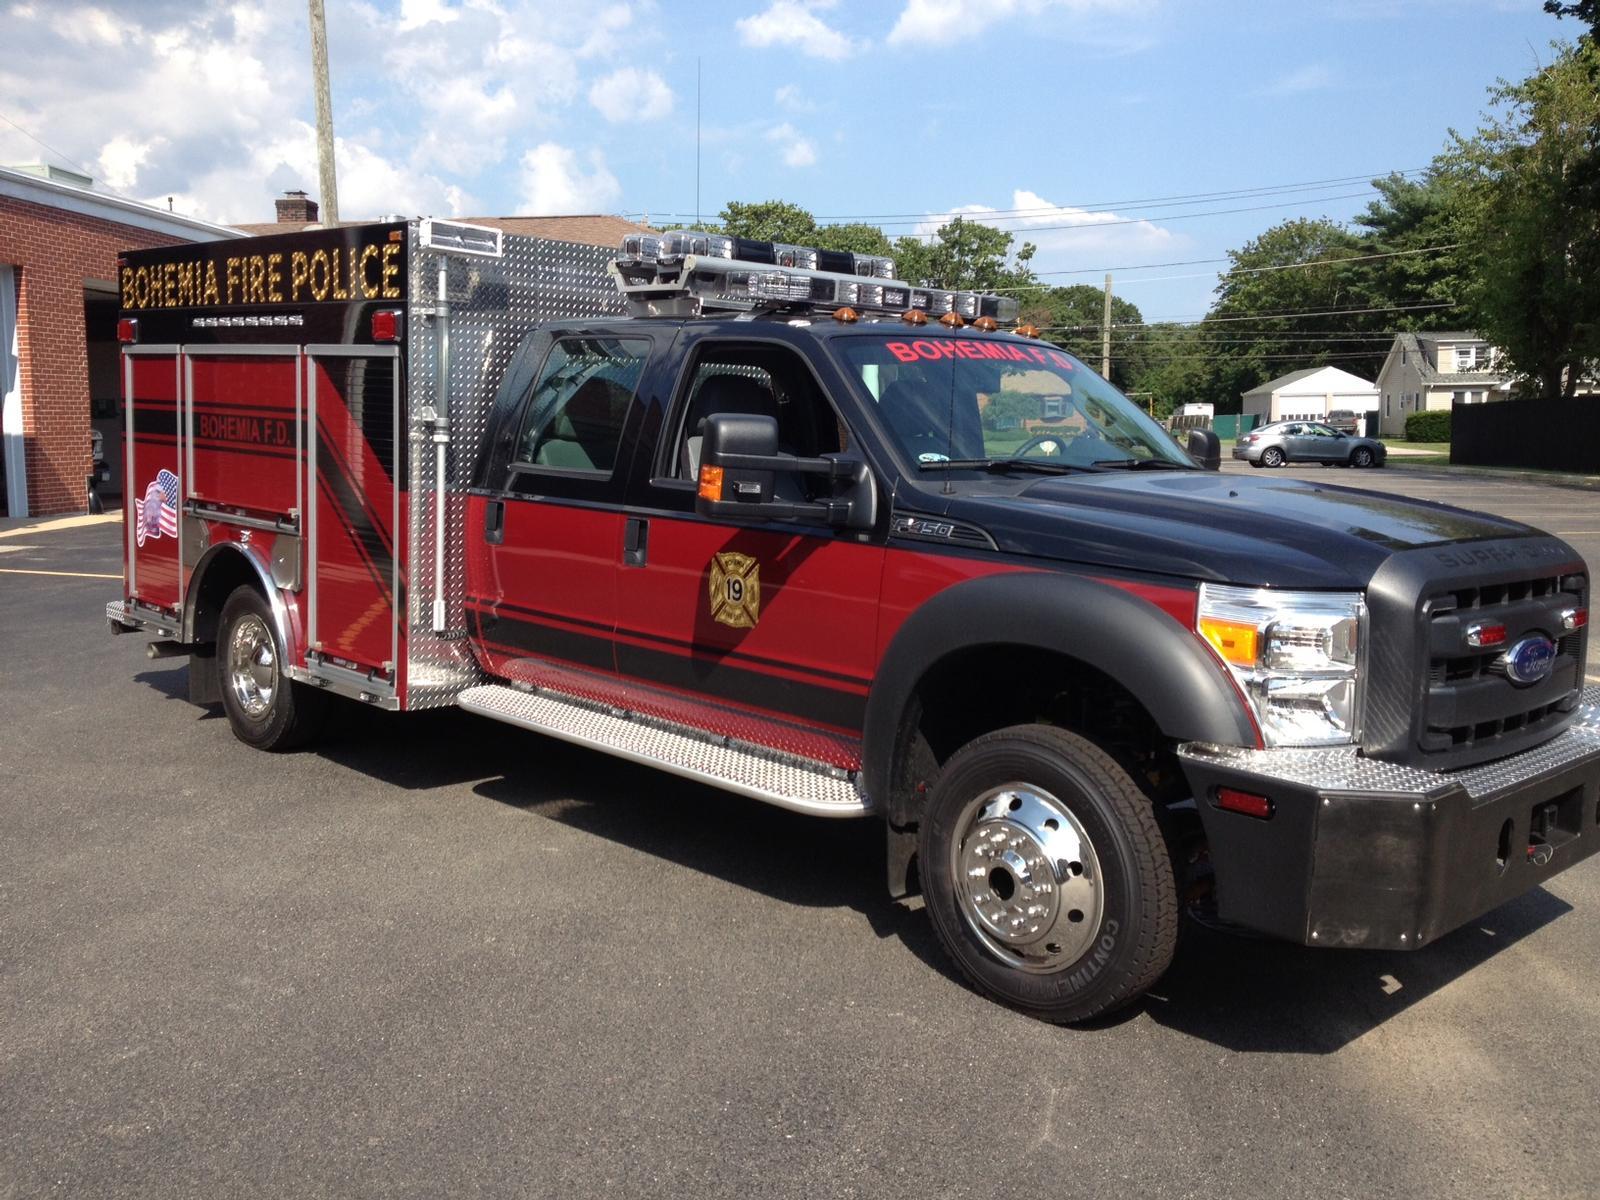 Bohemia NY Fire Police Brat 3-12-19